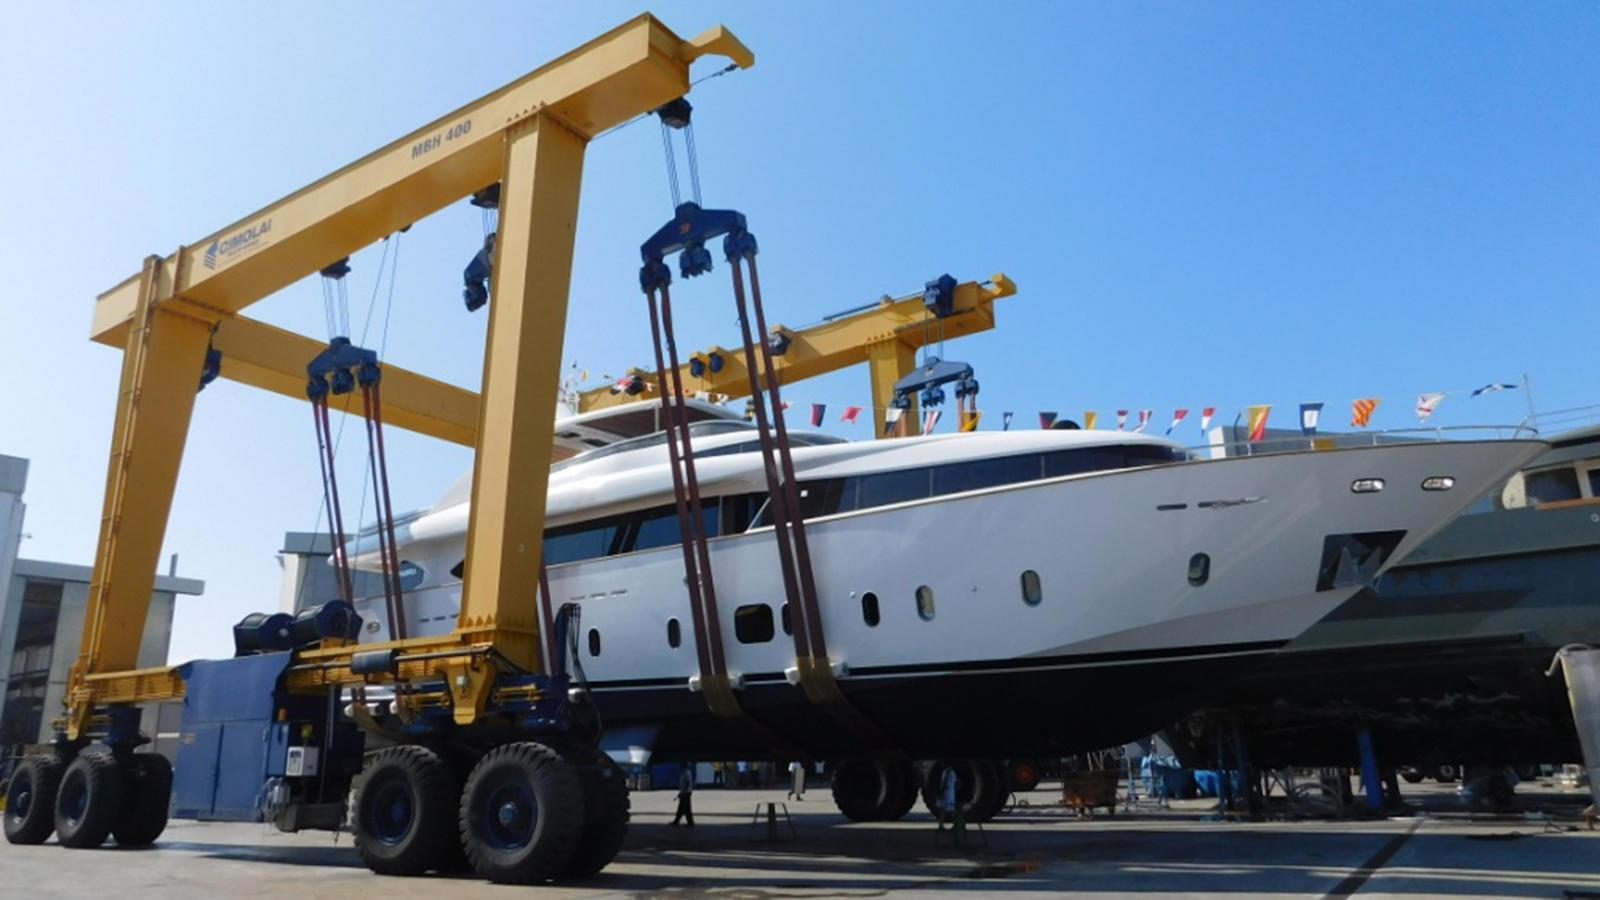 maiora-33fb-motor-yacht-2016-32m-launch-crane